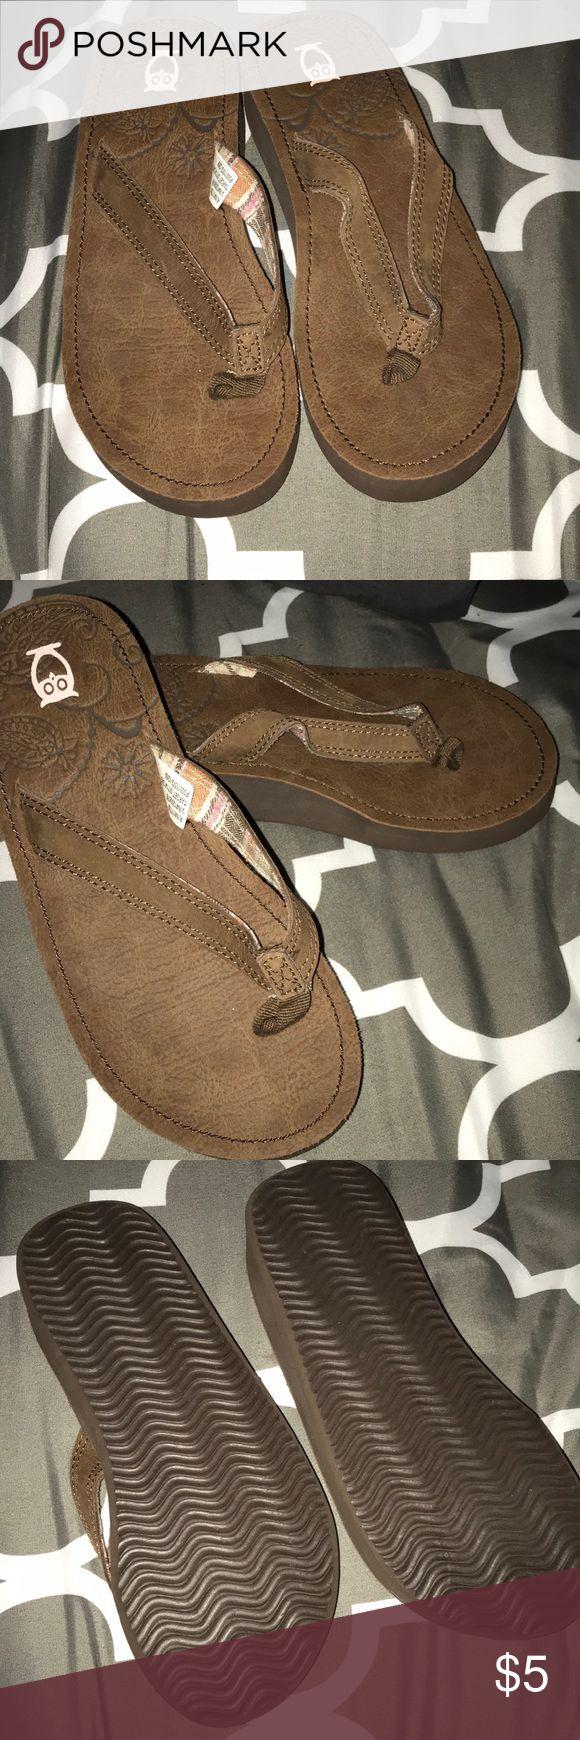 Light brown flip flops Light brown flip flops Shoes Sandals